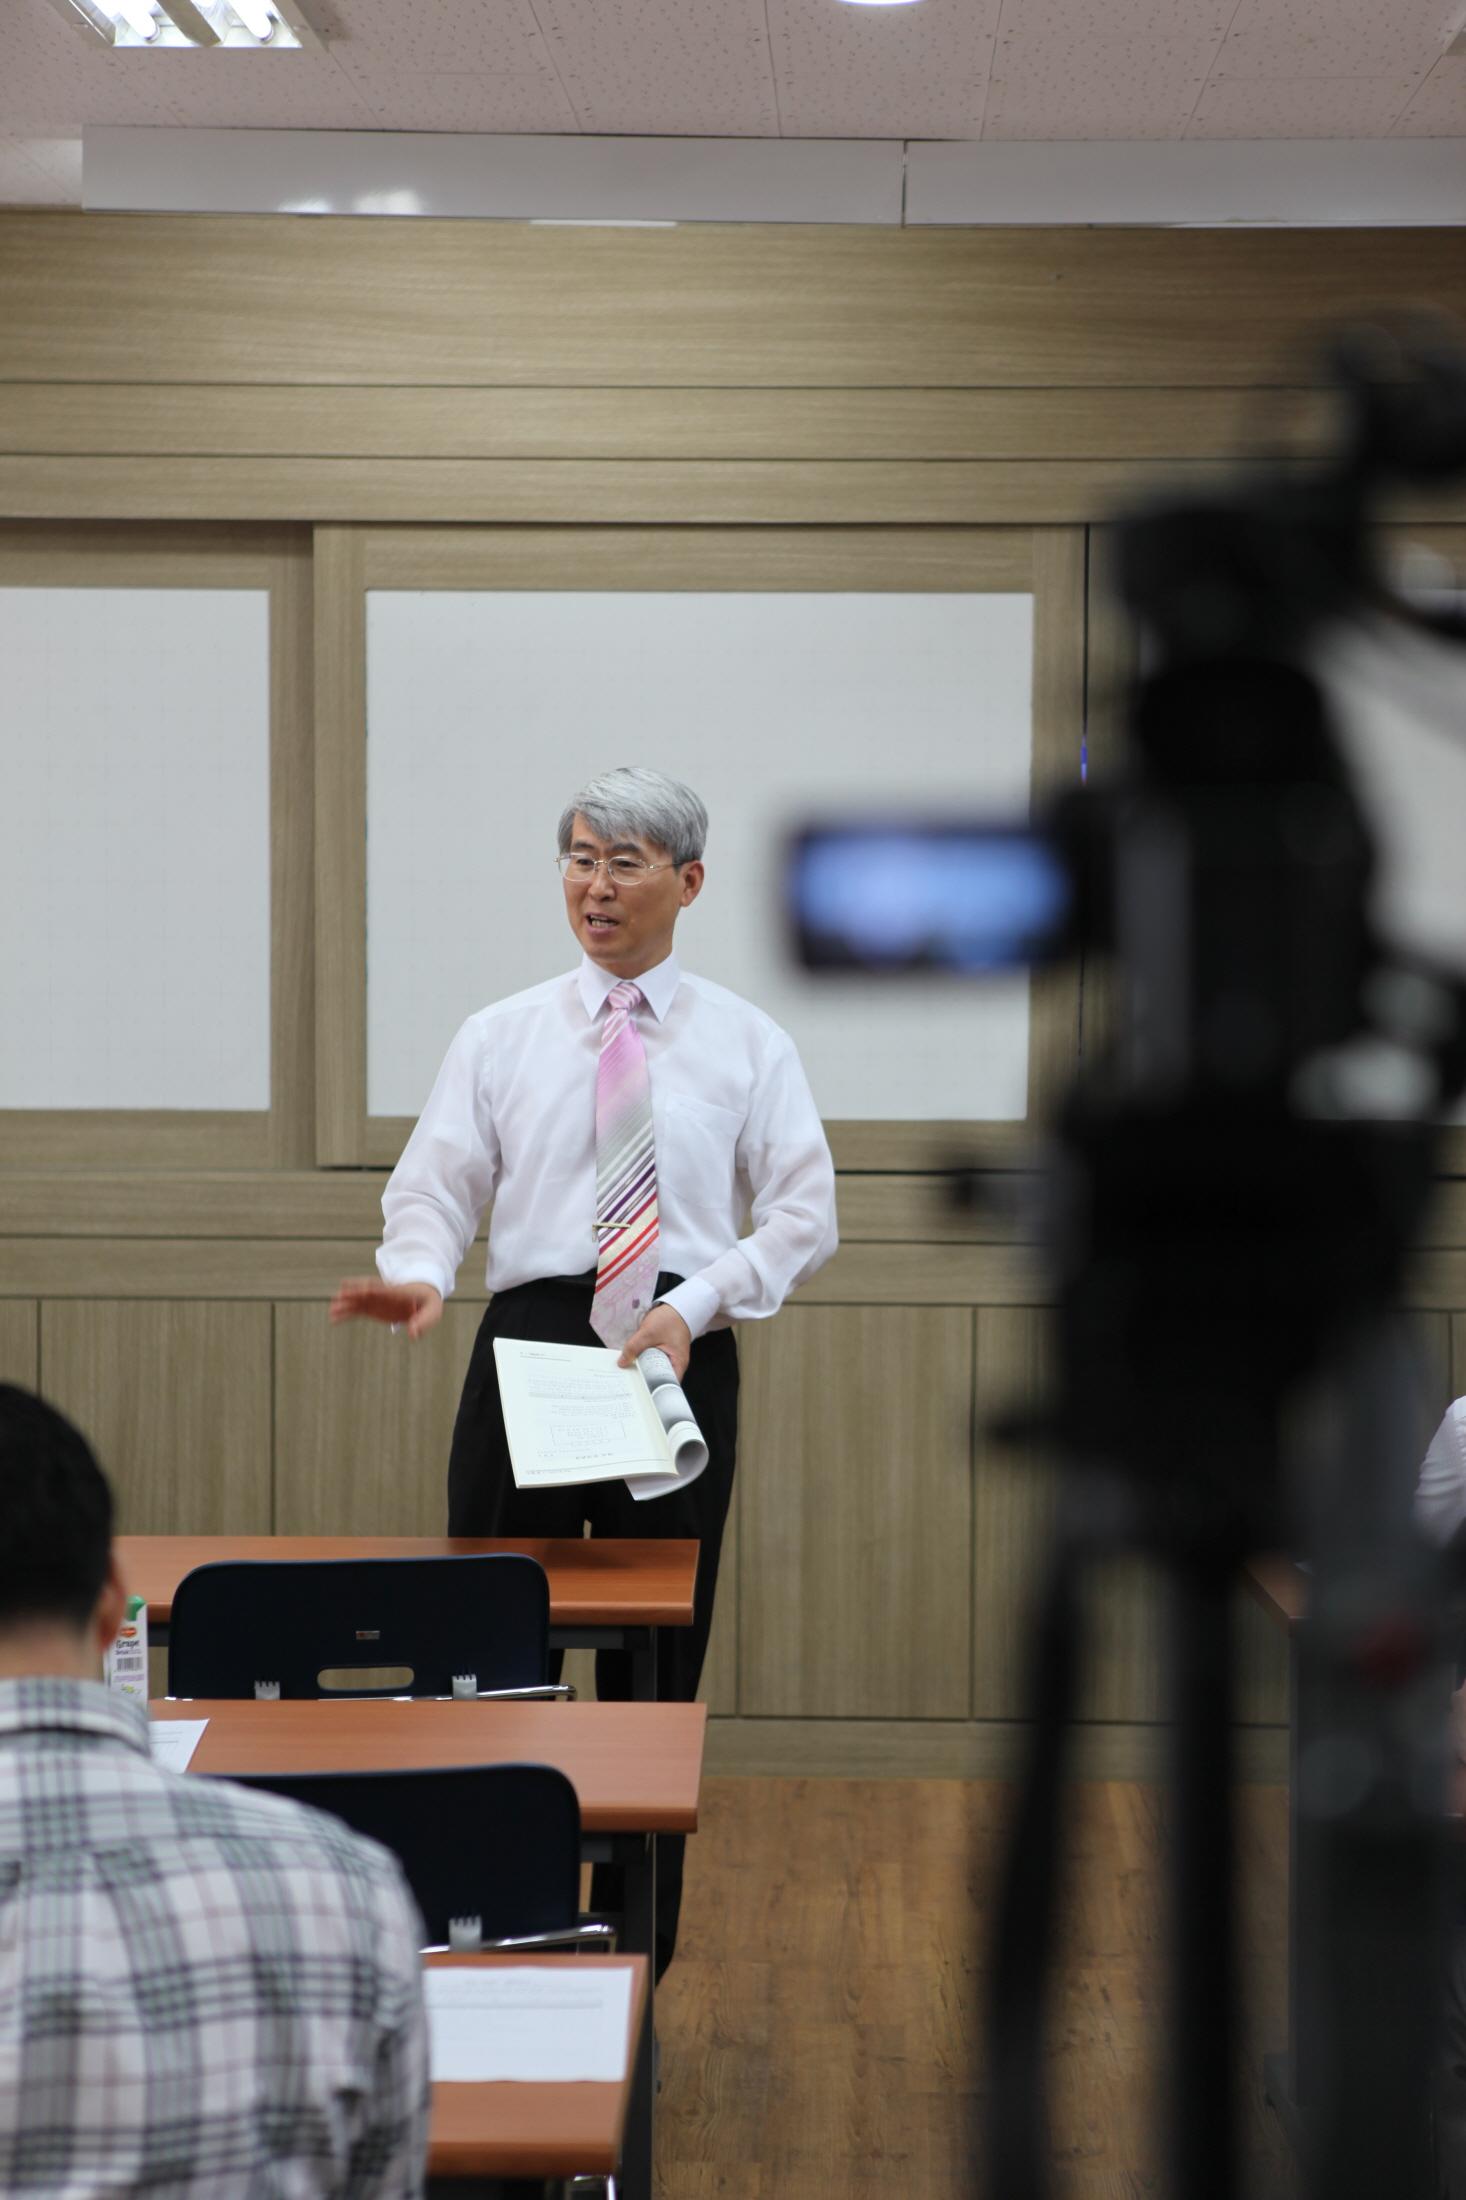 2009/07/21 신임교사직무연수 첨부이미지